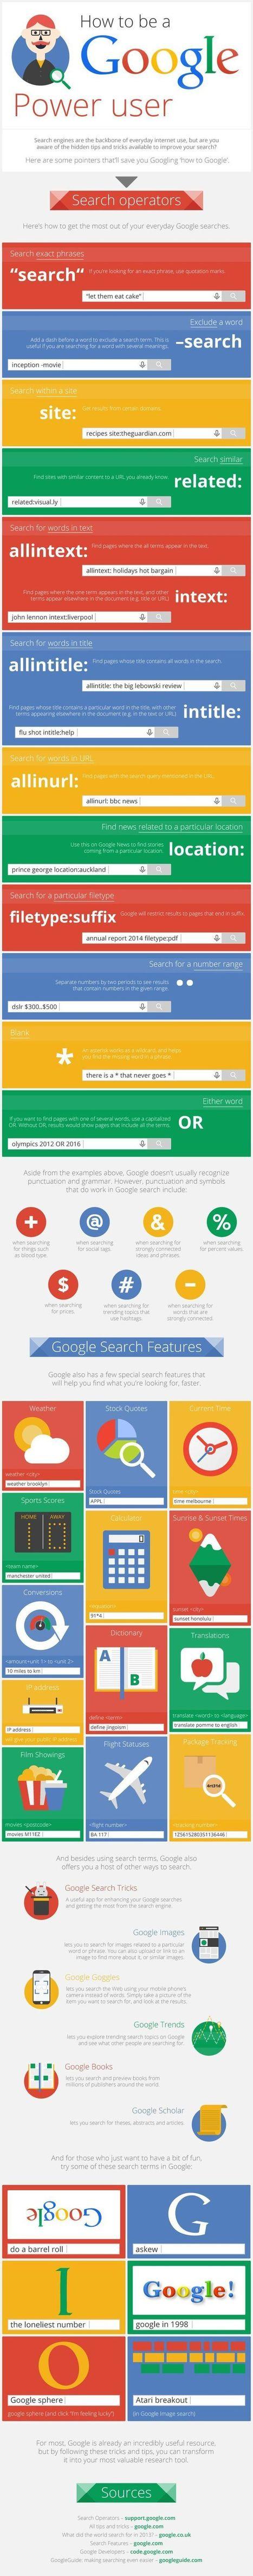 google-power-user.jpg (720x7338 pixels) | Web Design | Scoop.it